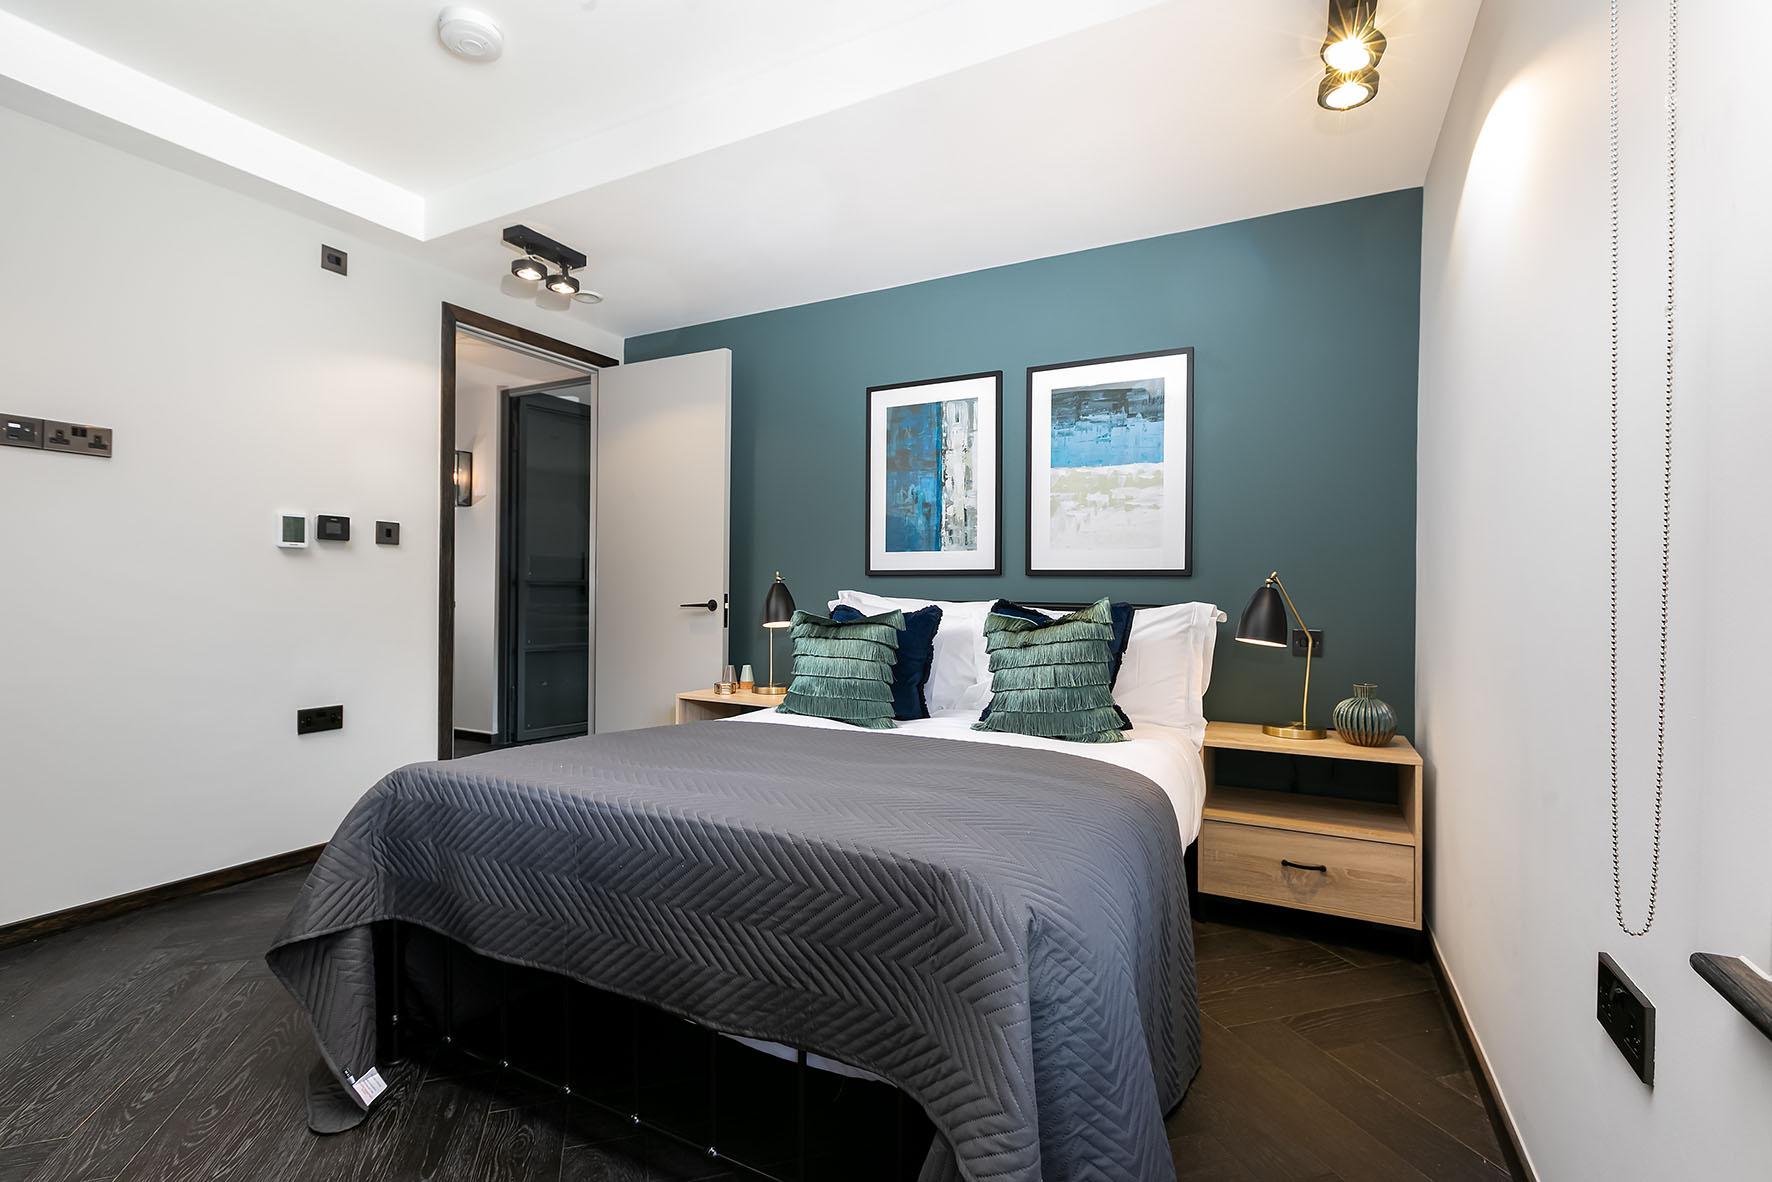 Lovelydays luxury service apartment rental - London - Soho - Noel Street VI - Lovelysuite - 2 bedrooms - 2 bathrooms - Queen bed - 115e432583dc - Lovelydays